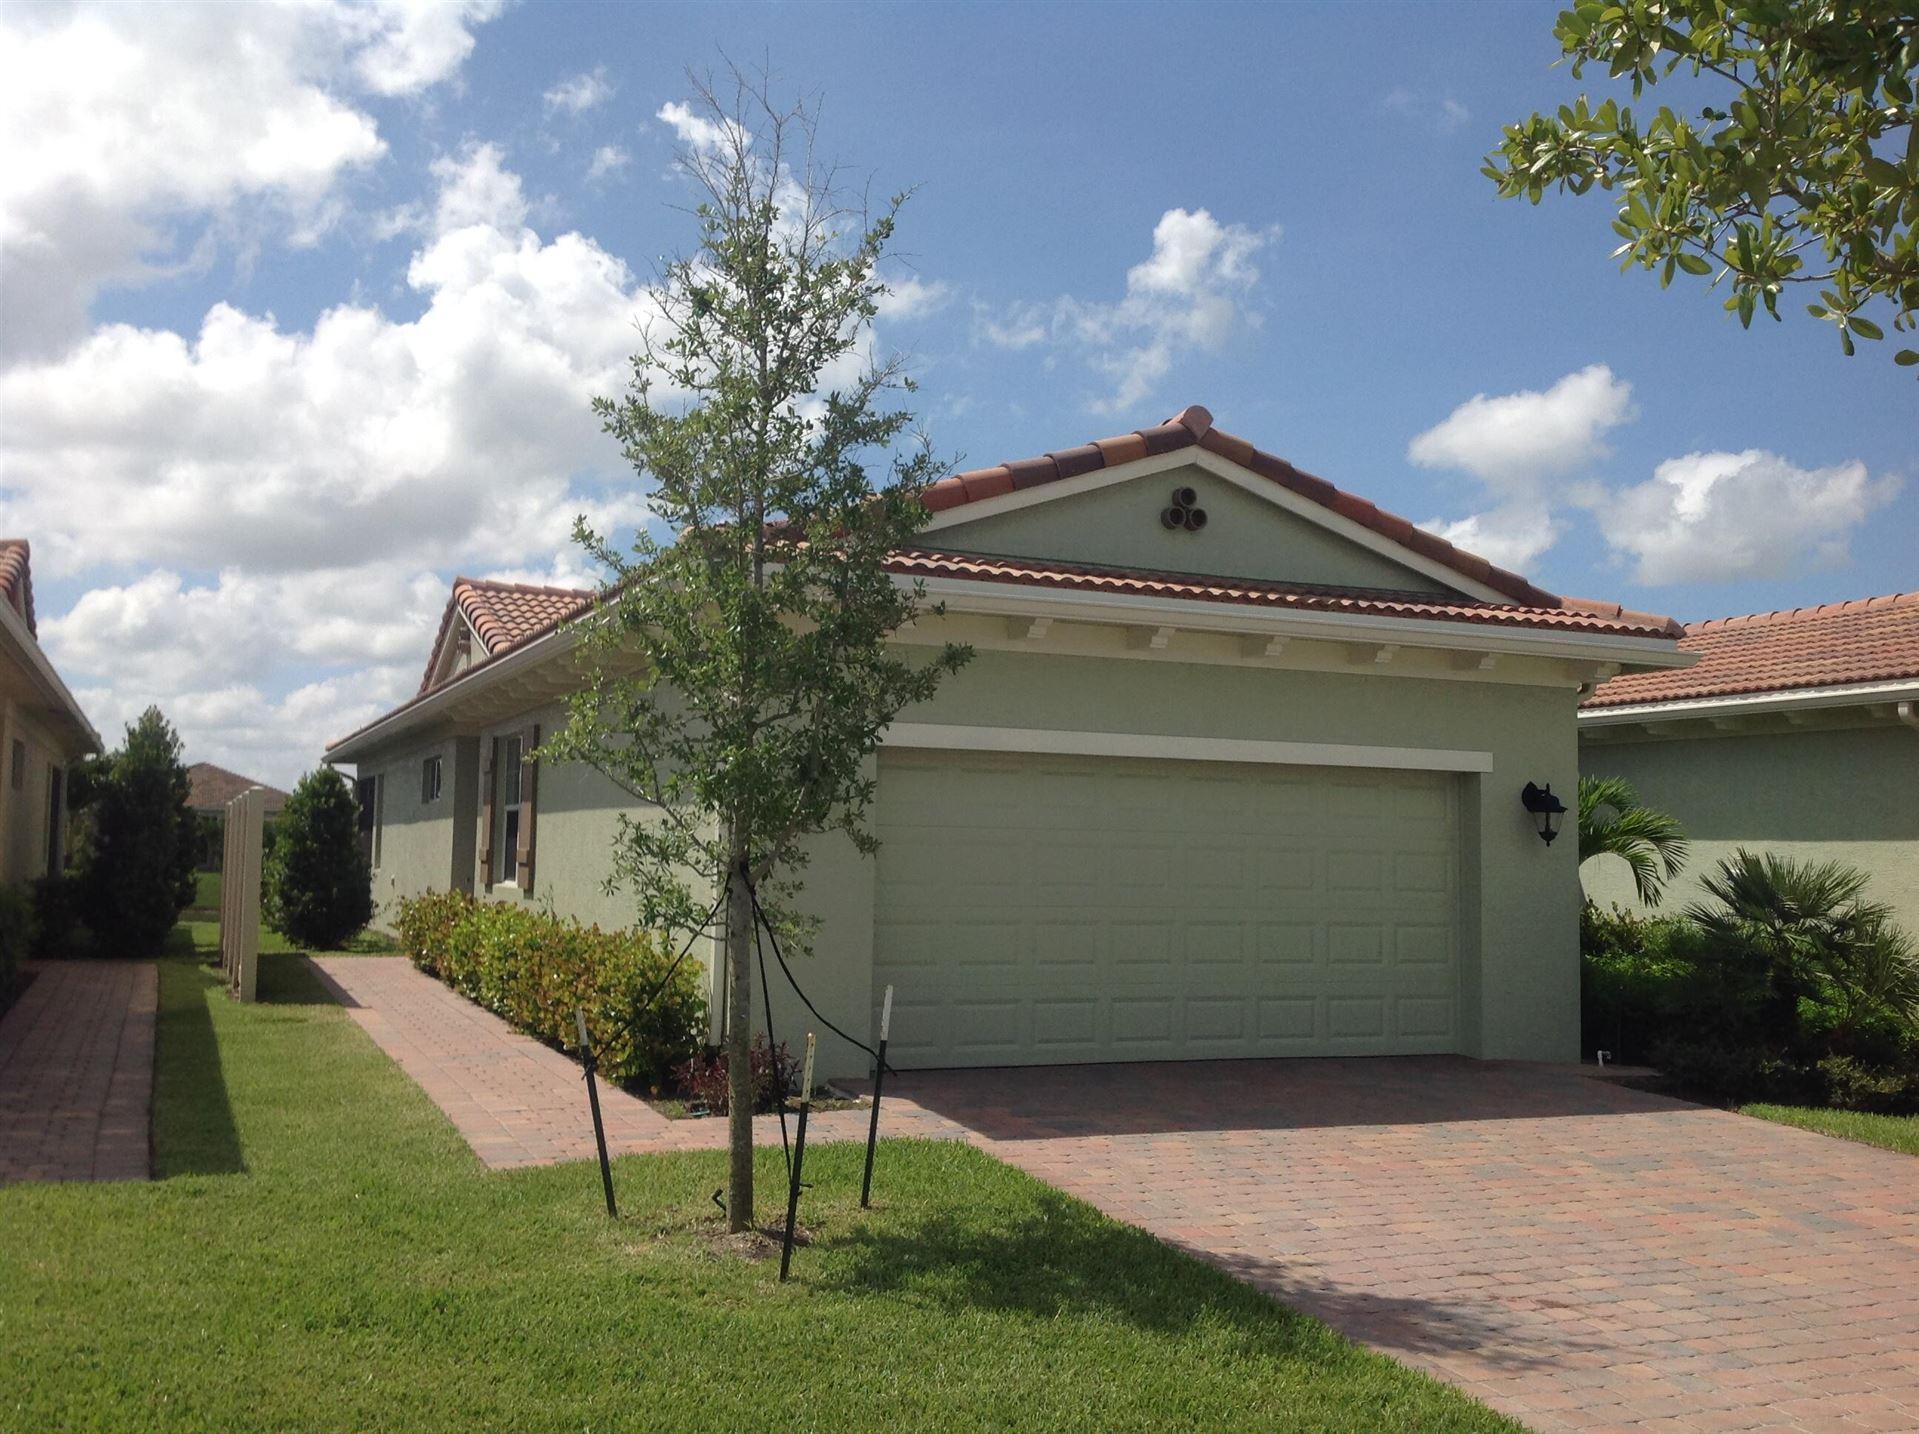 21029 SW Modena Way, Port Saint Lucie, FL 34986 - MLS#: RX-10720143